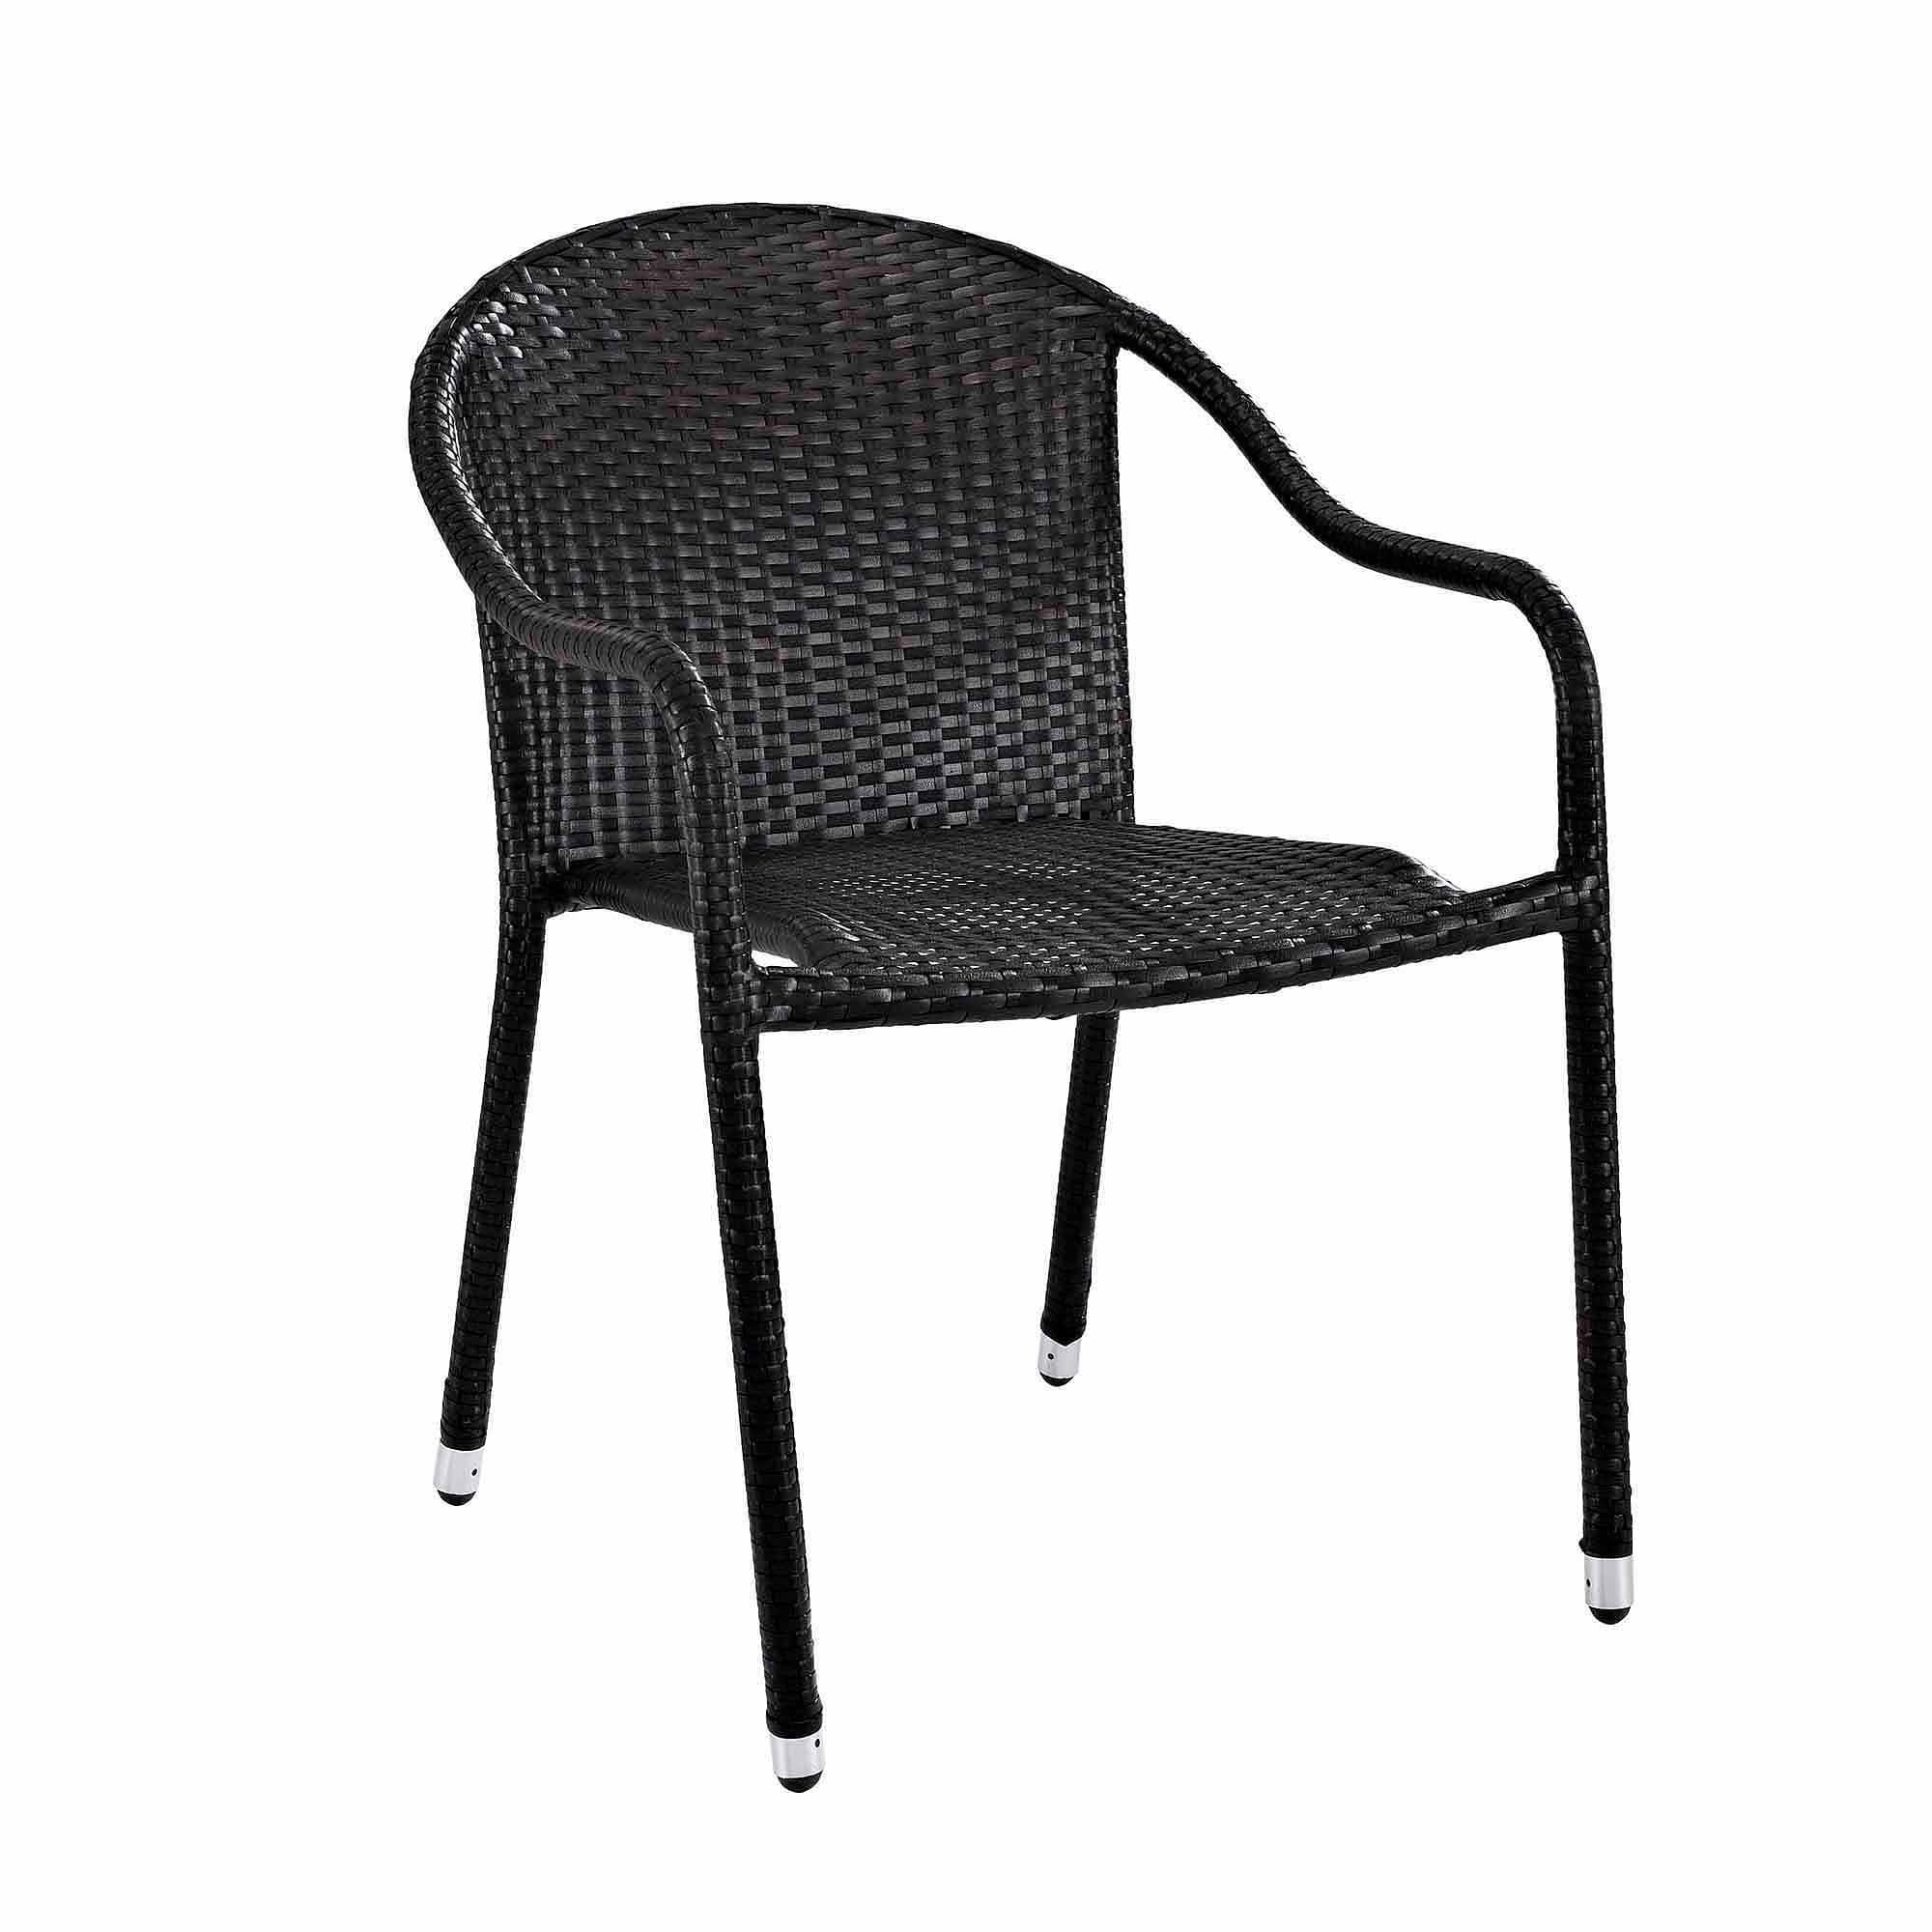 crosley furniture palm harbor outdoor wicker stackable chairs 4pk walmartcom